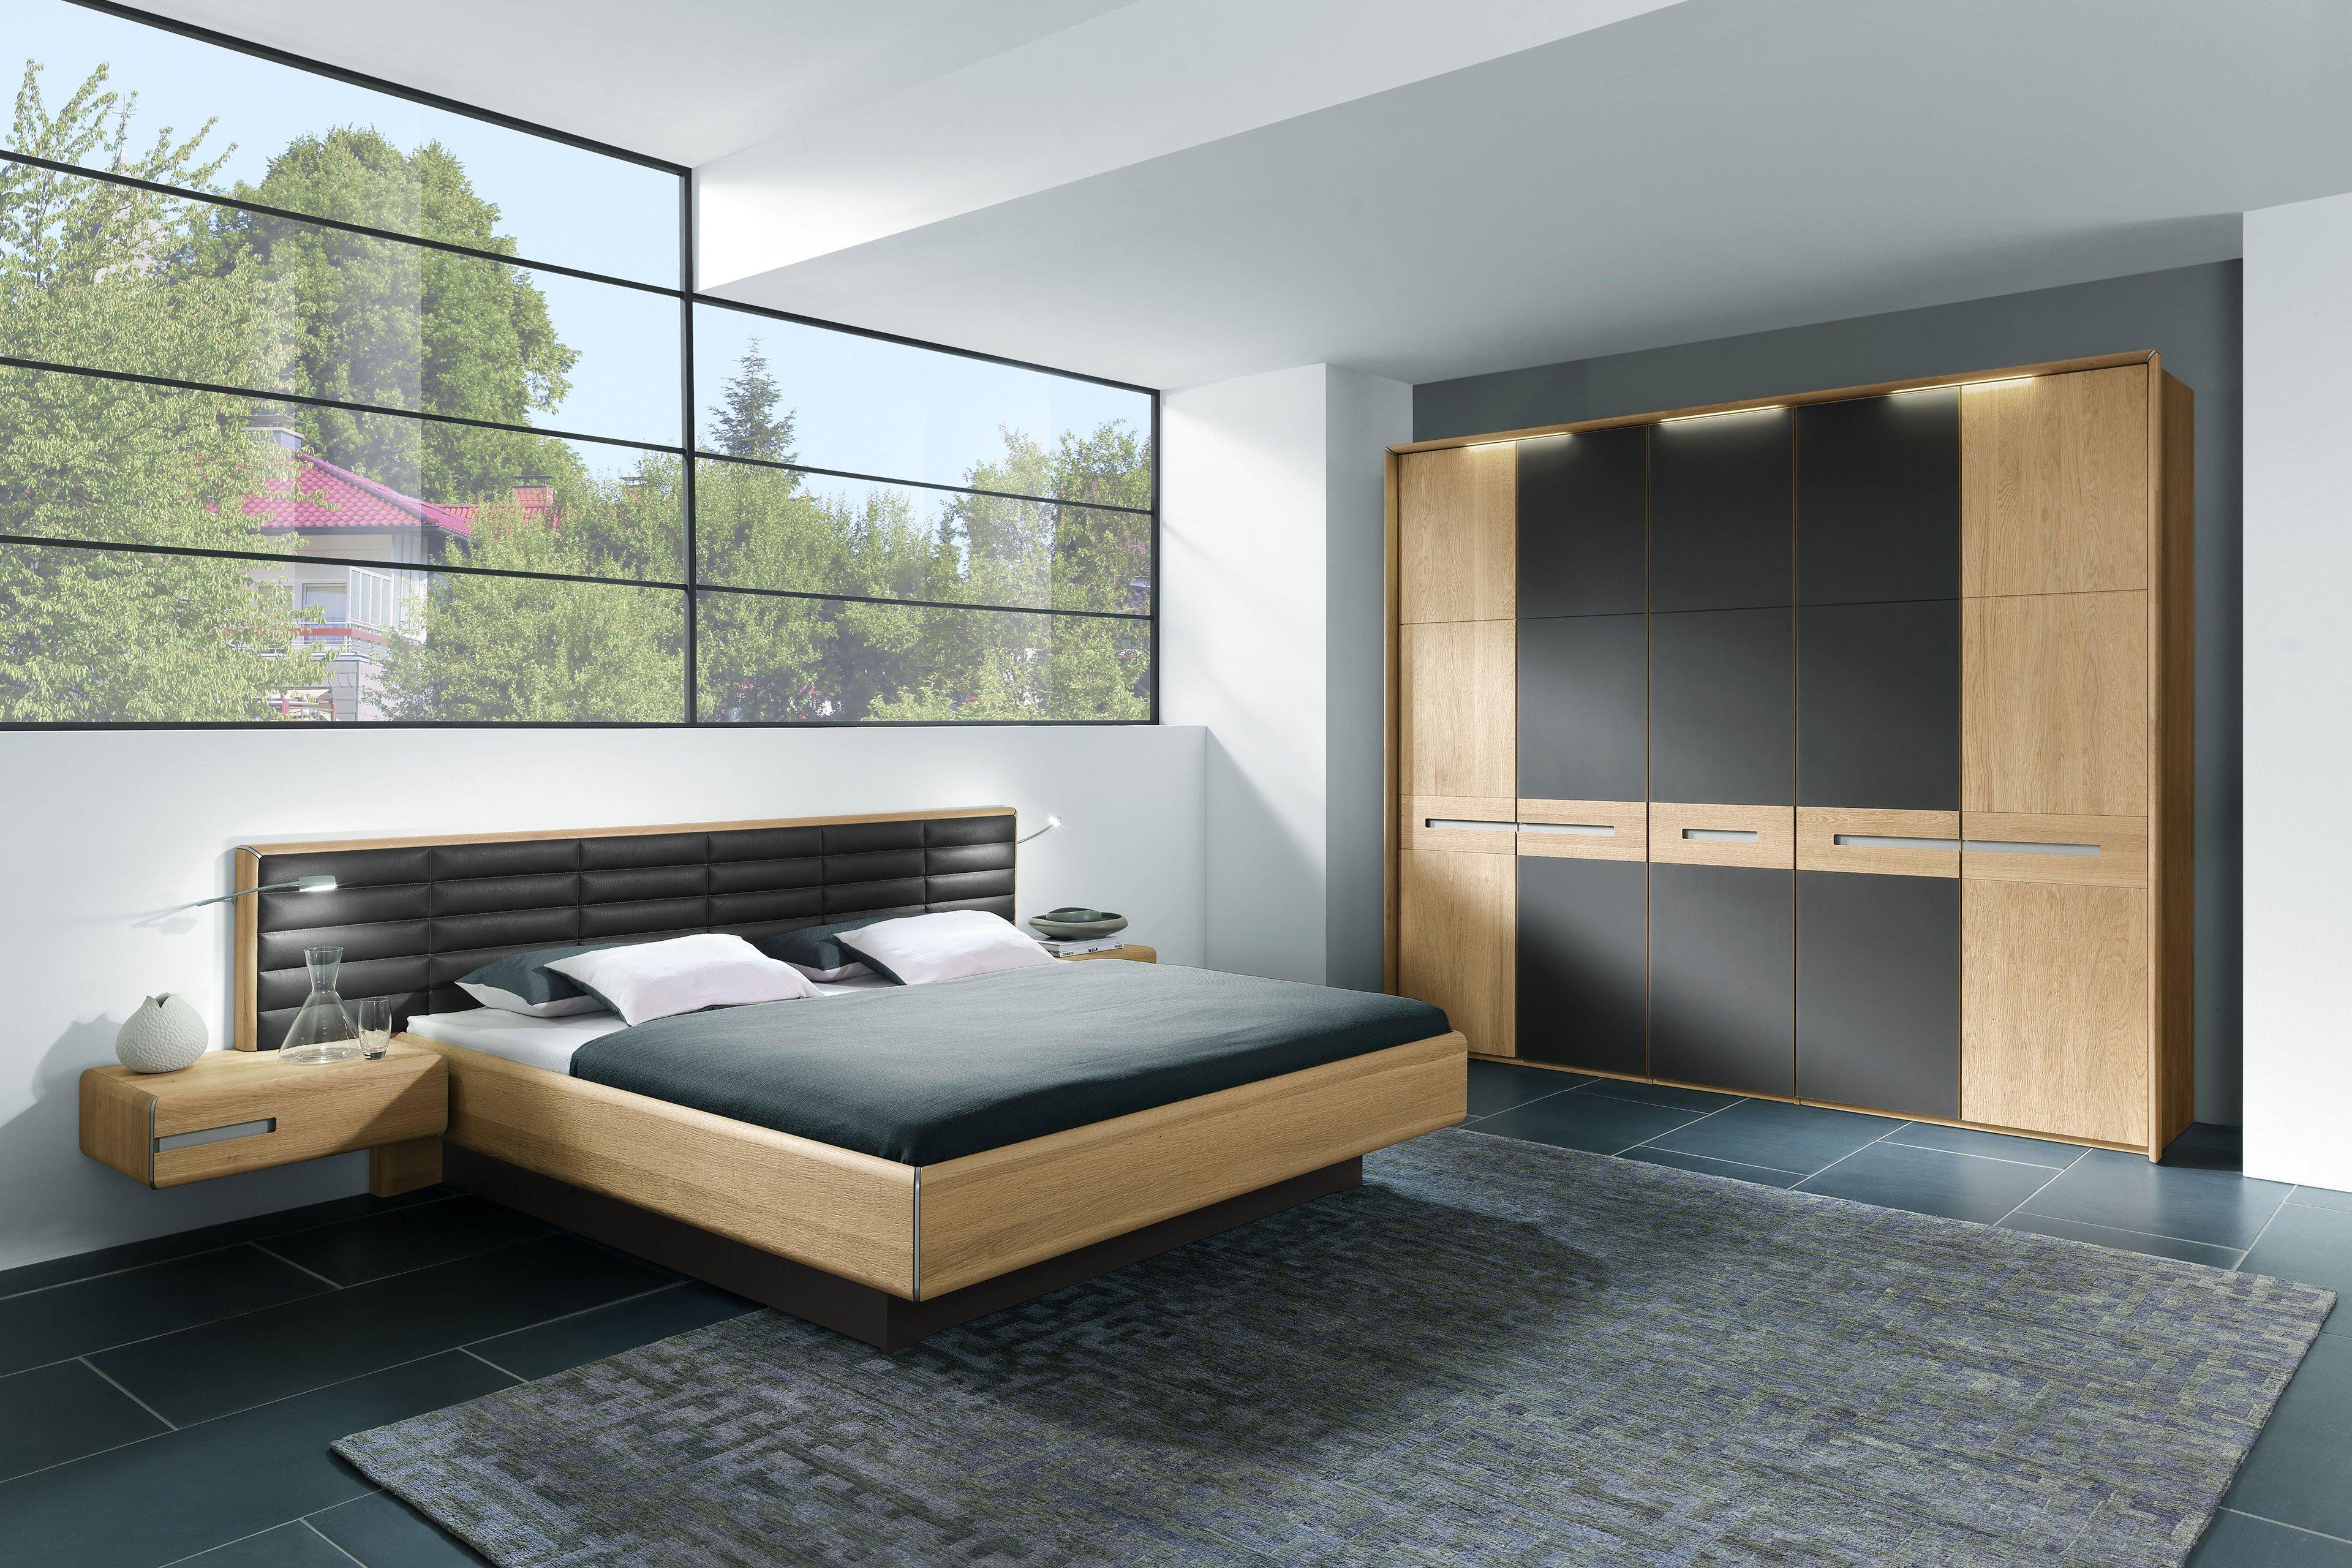 schlafzimmer casa tootsie von thielemeyer komplett schlafzimmer eiche massiv treibholz m bel. Black Bedroom Furniture Sets. Home Design Ideas